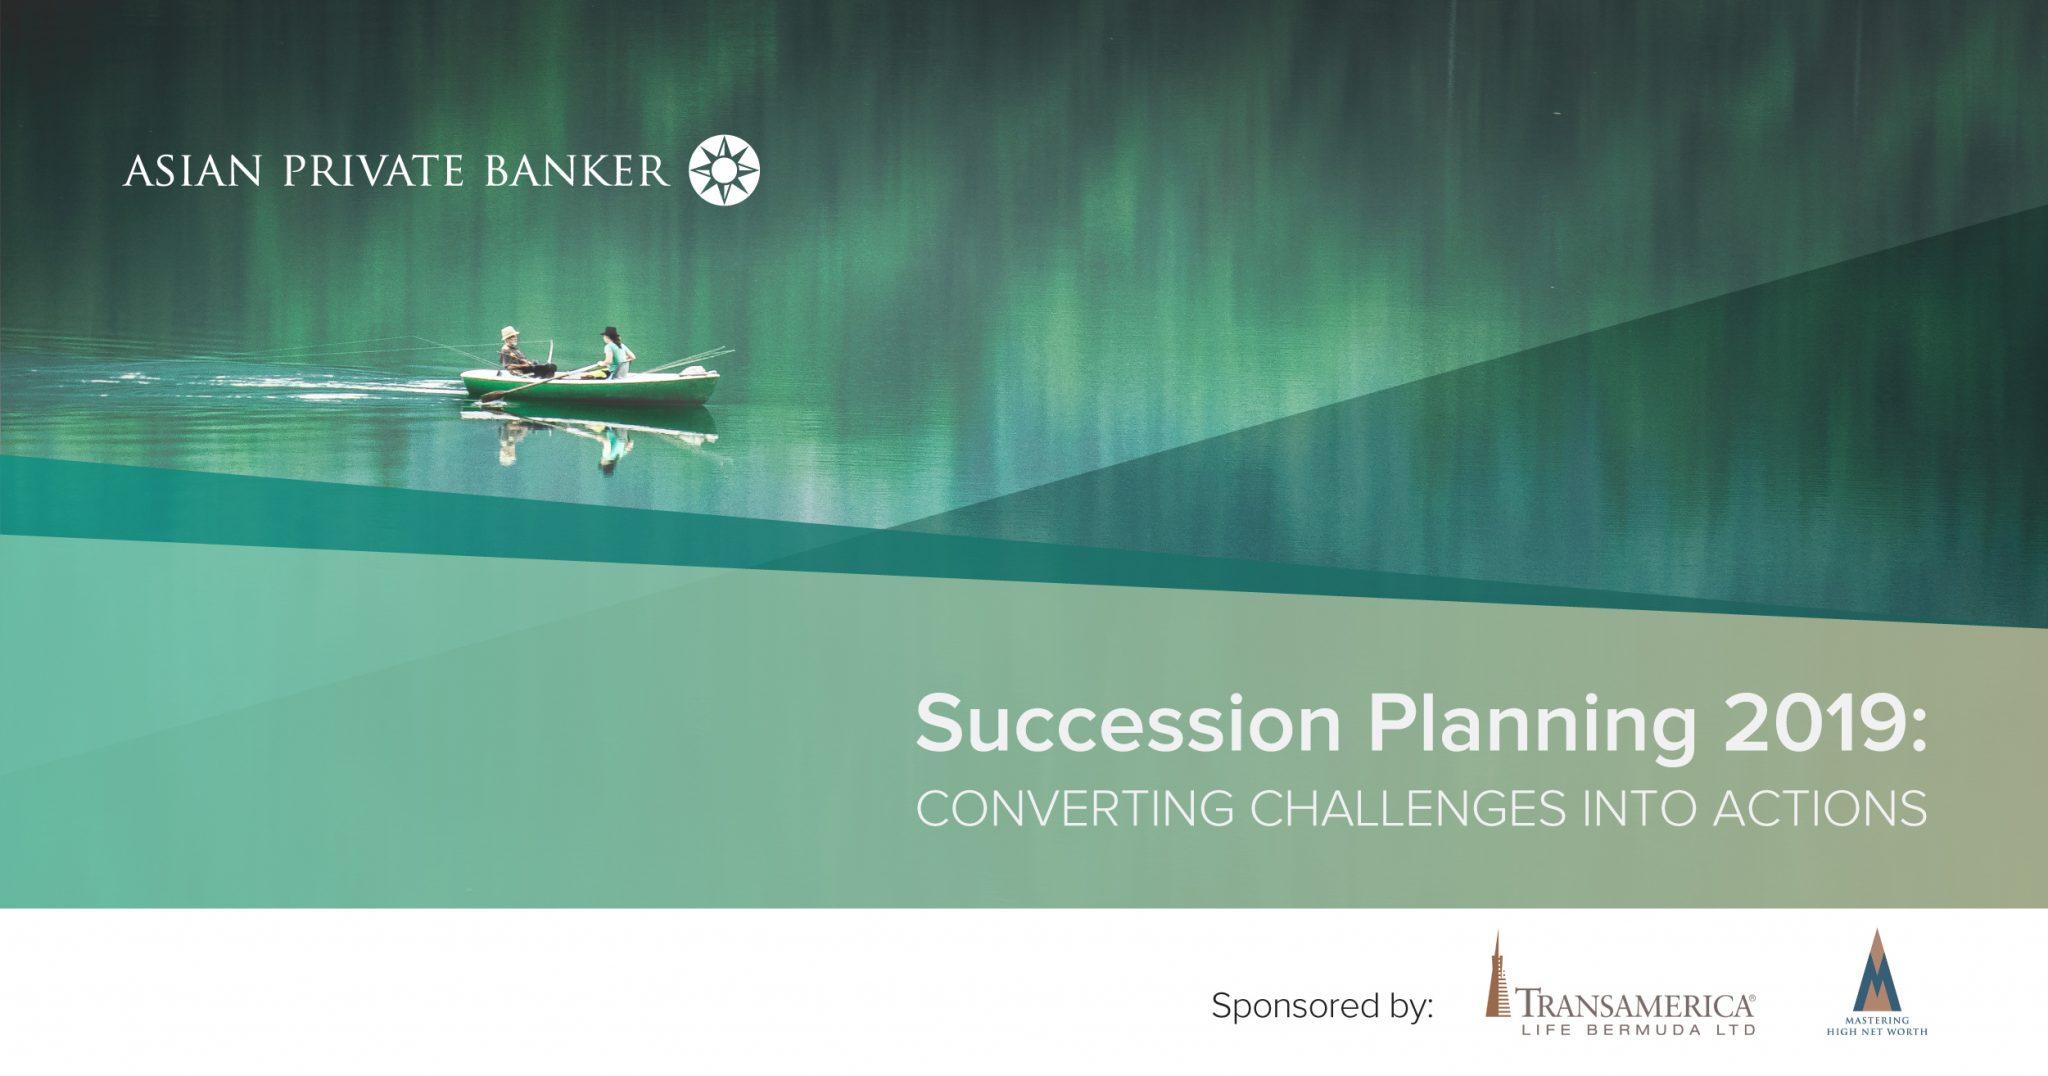 Succession Planning 2019